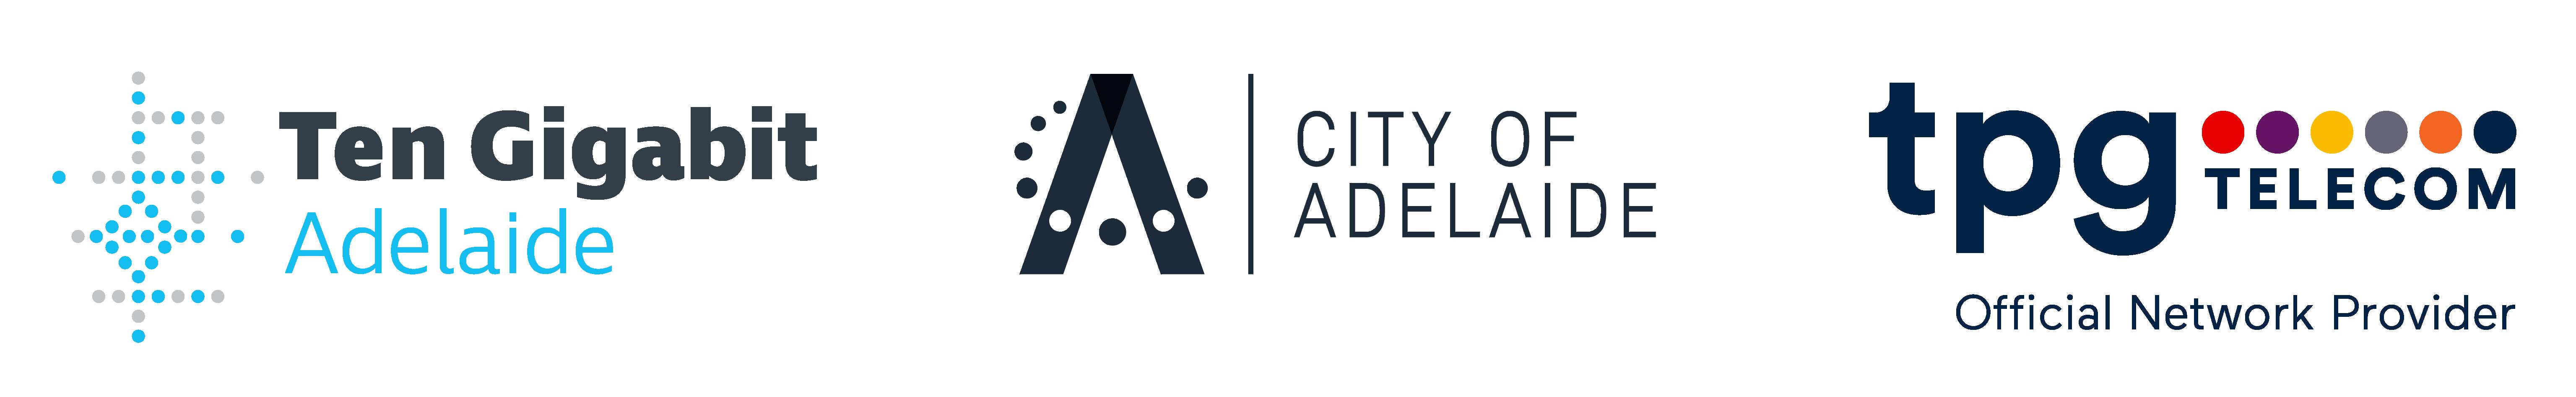 Ten gig new logos